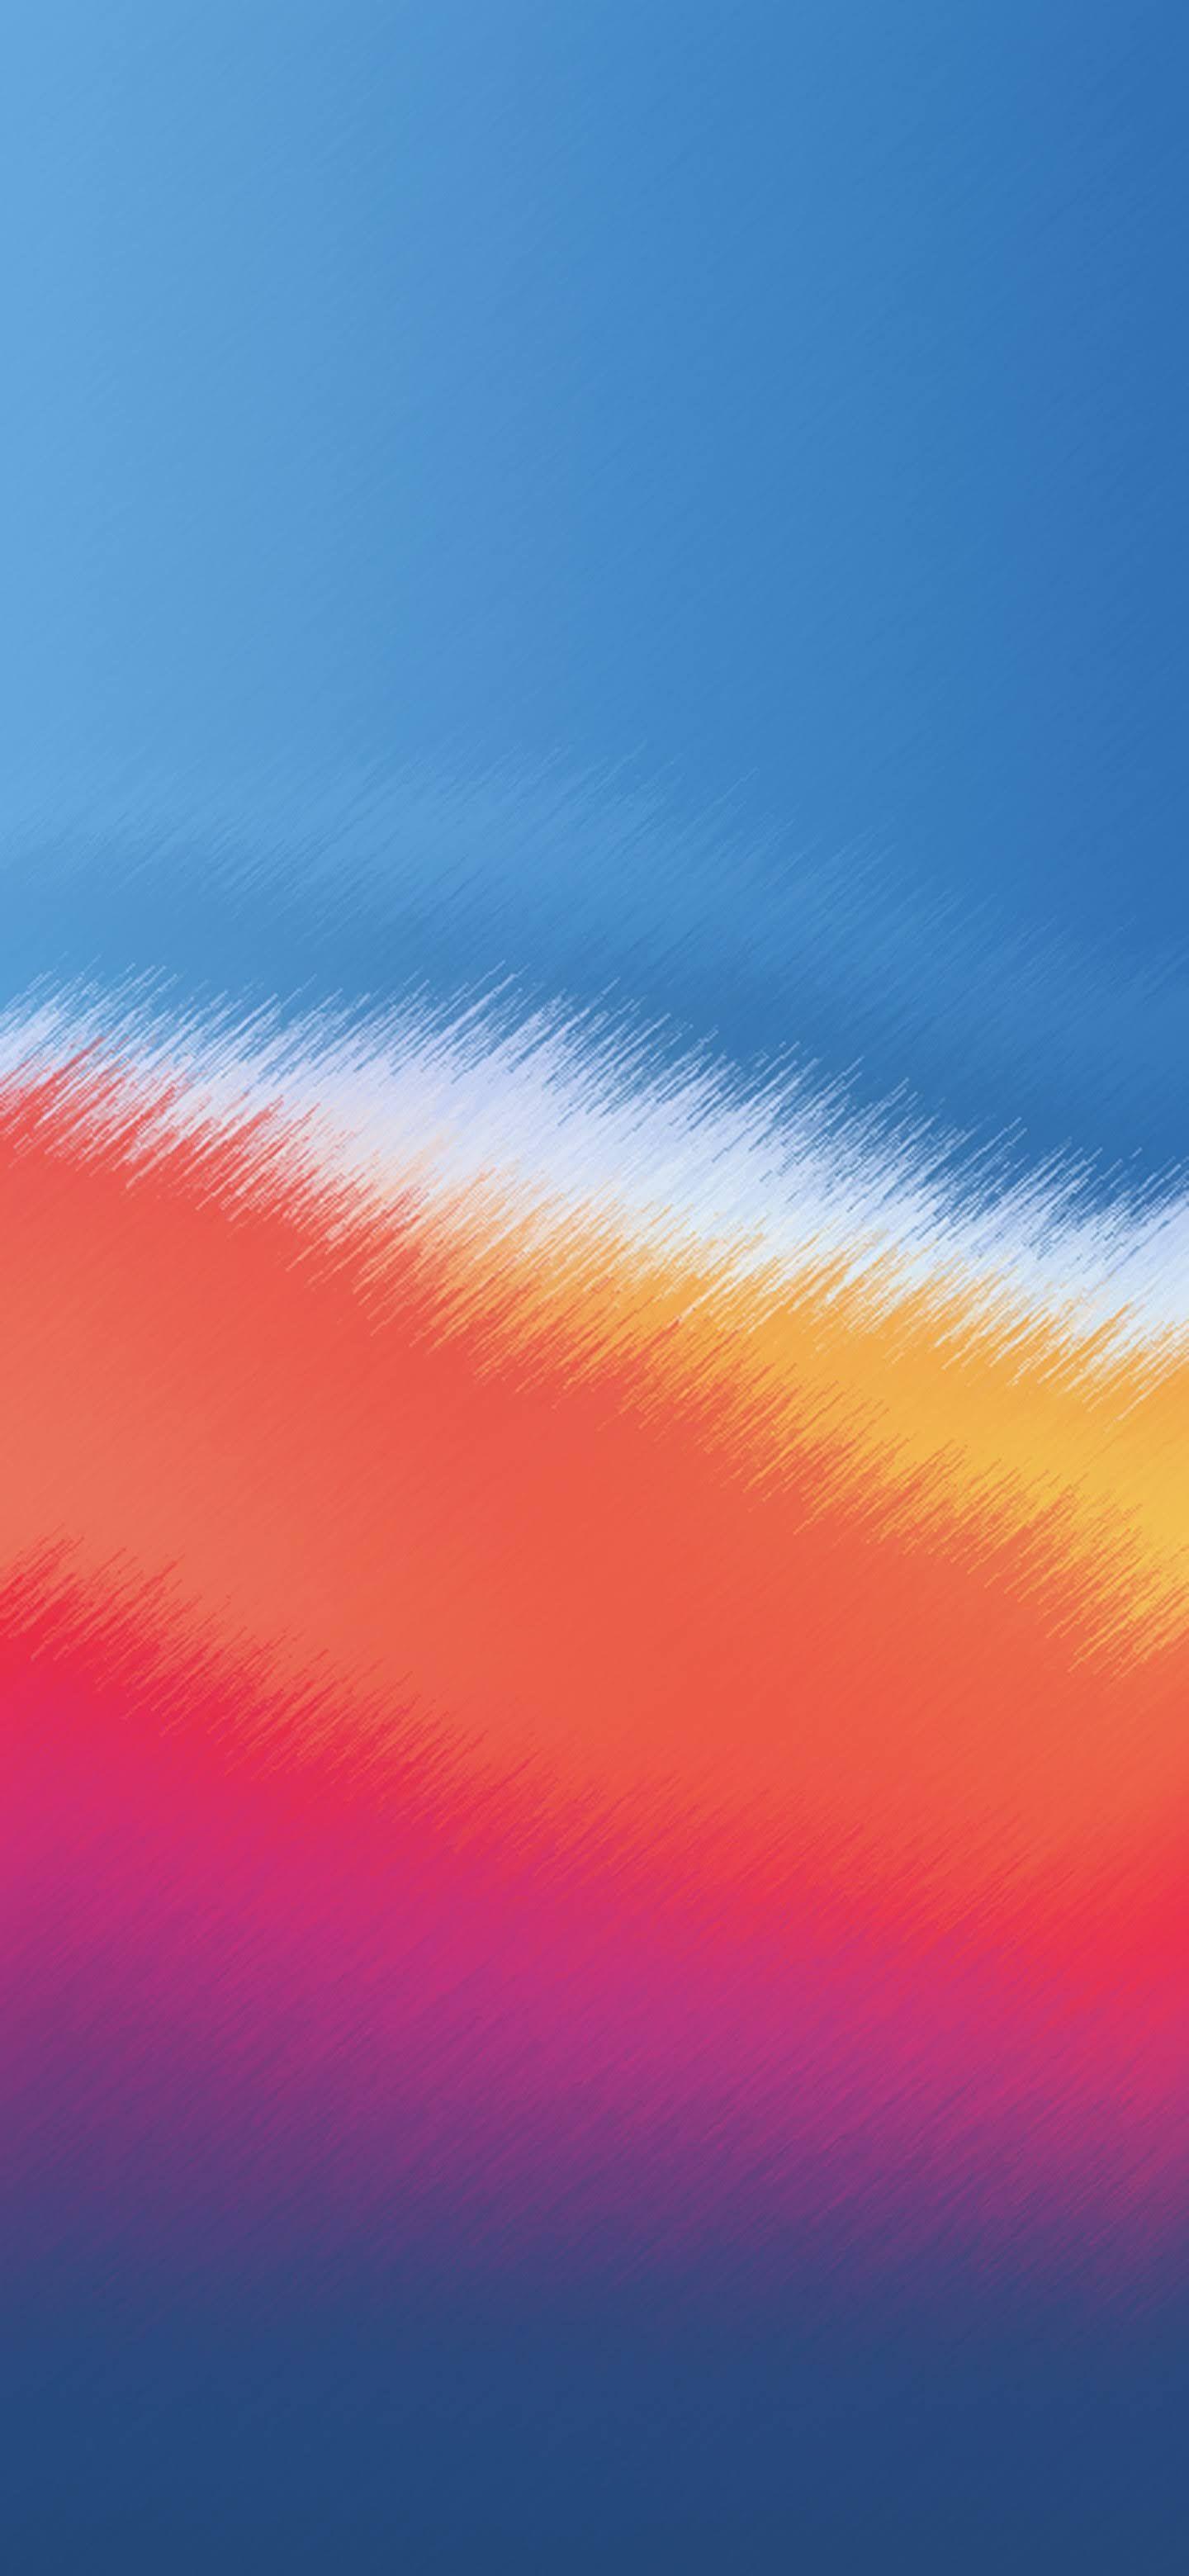 Macos Big Sur Wallpaper In 2020 Desktop Wallpaper Design Oneplus Wallpapers Xiaomi Wallpapers